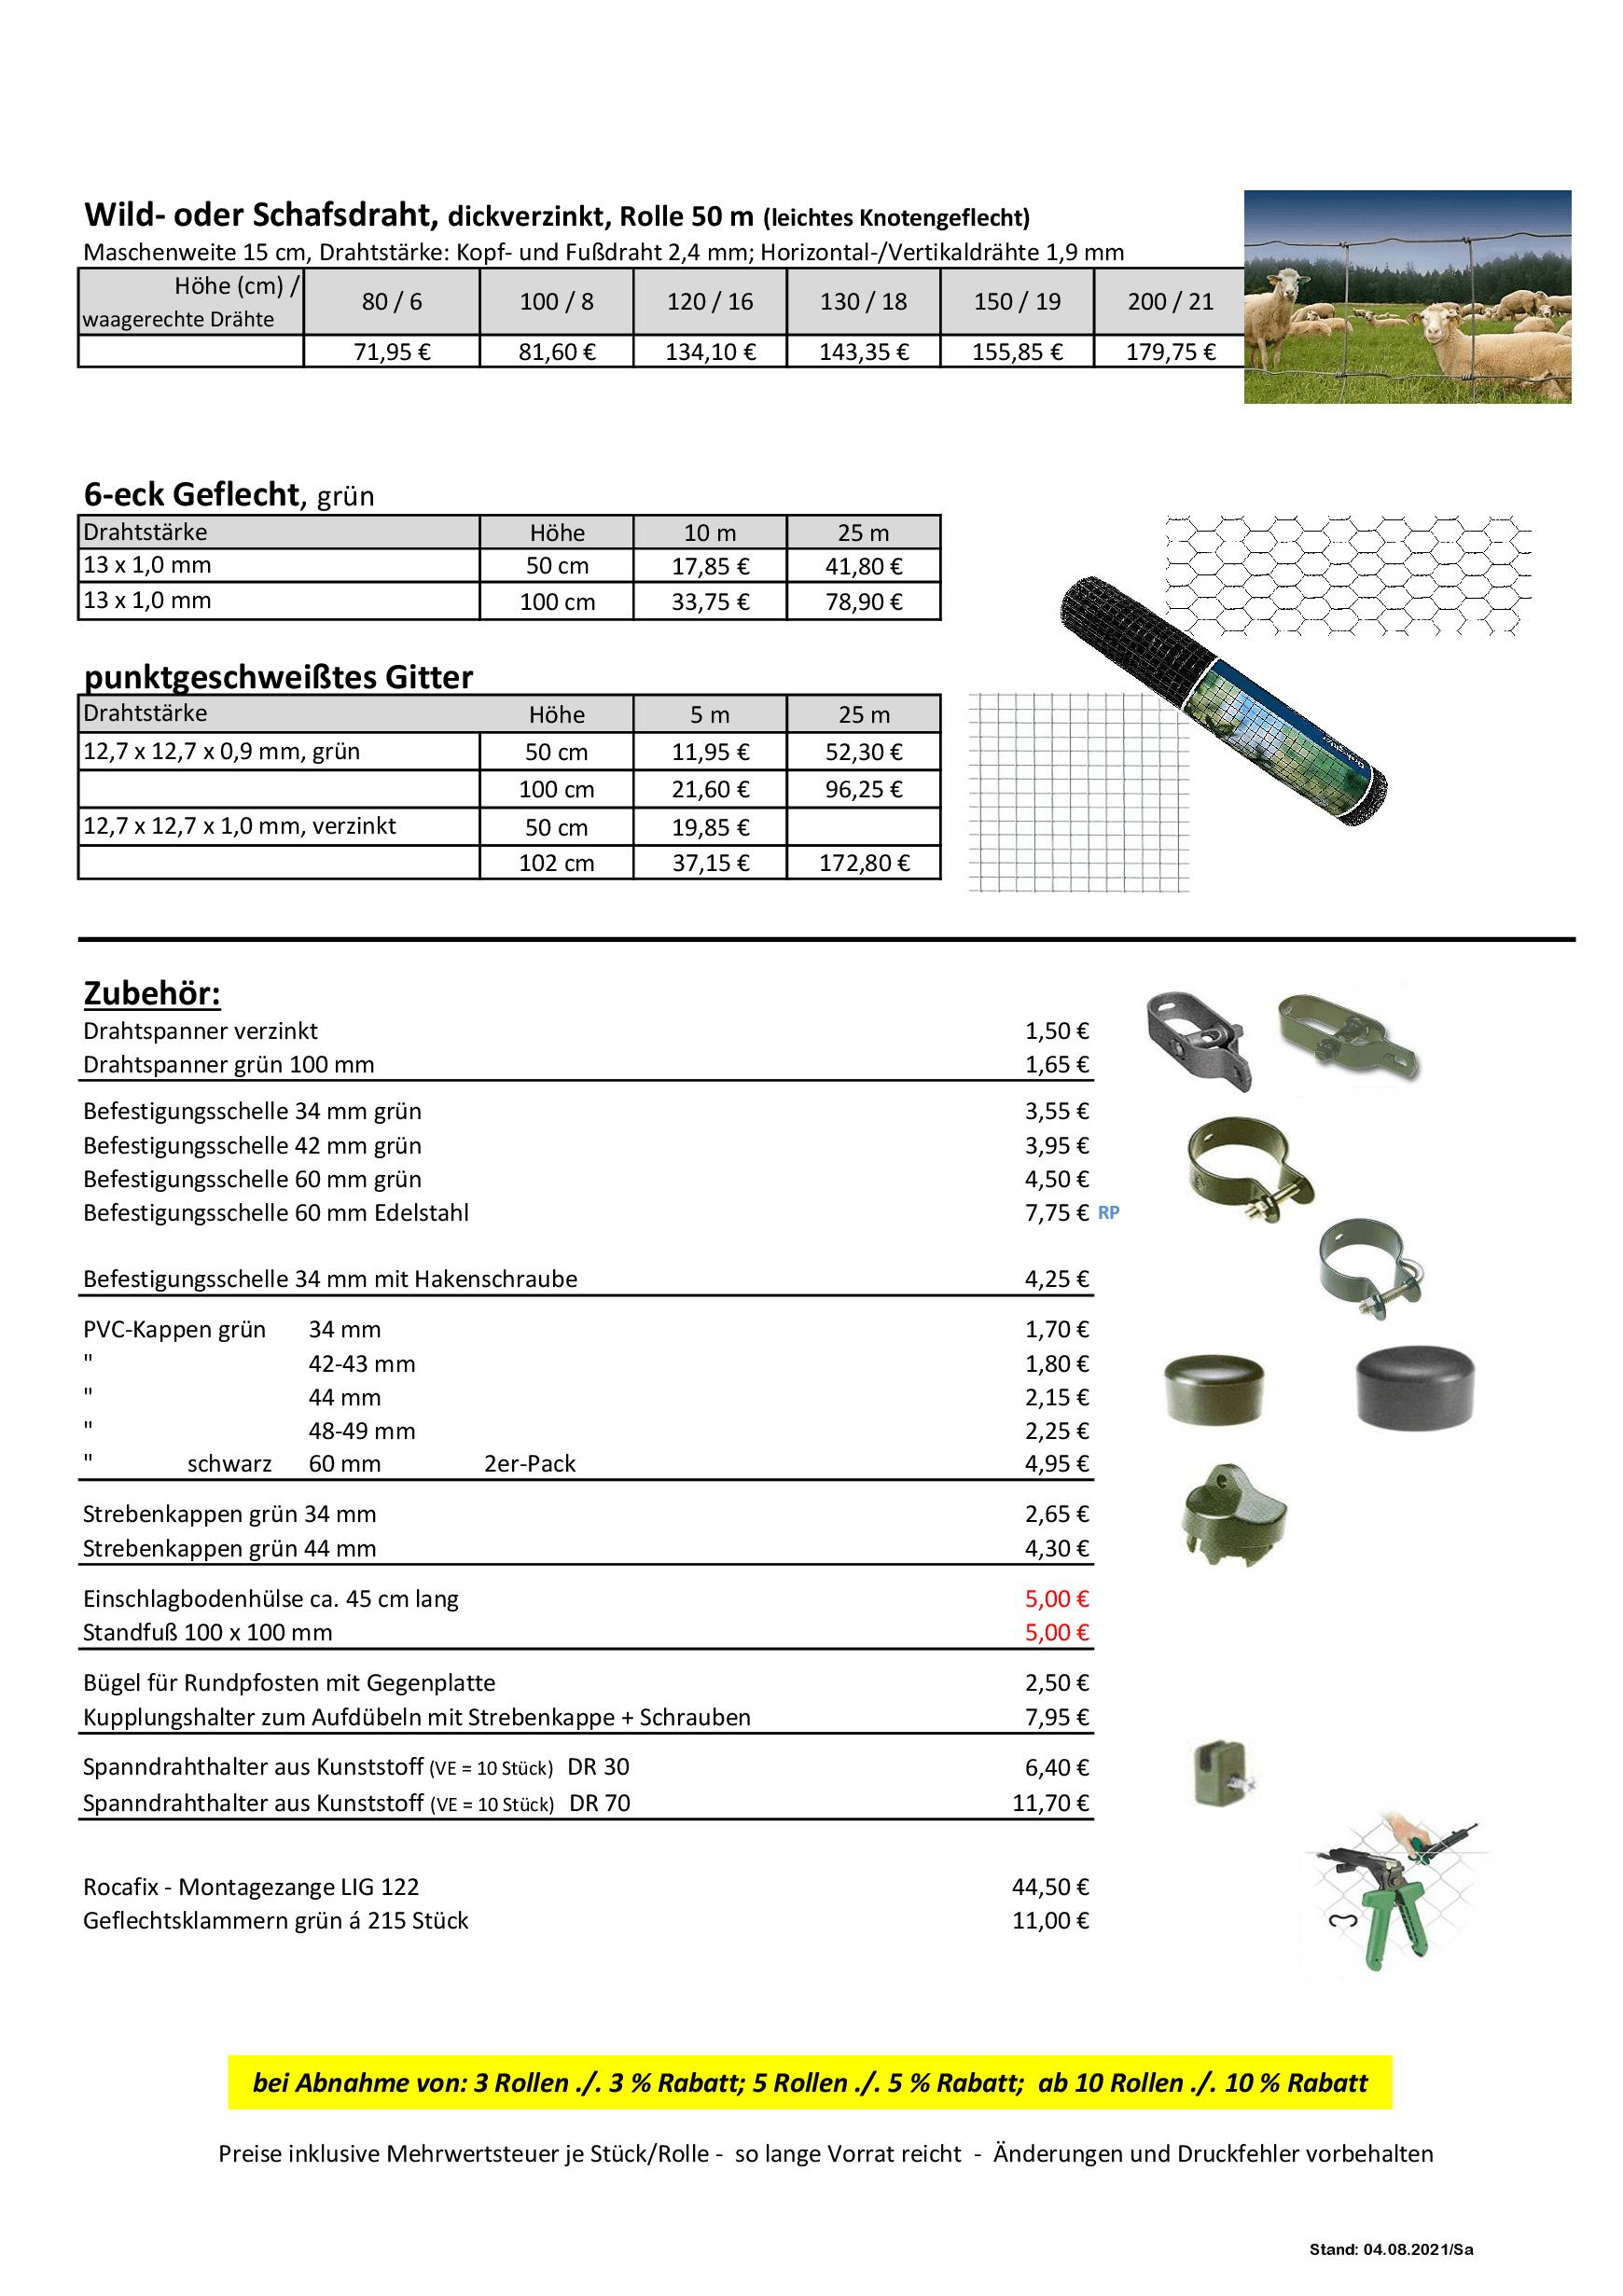 Wild und Schafsdraht Ueberberg 2021_1